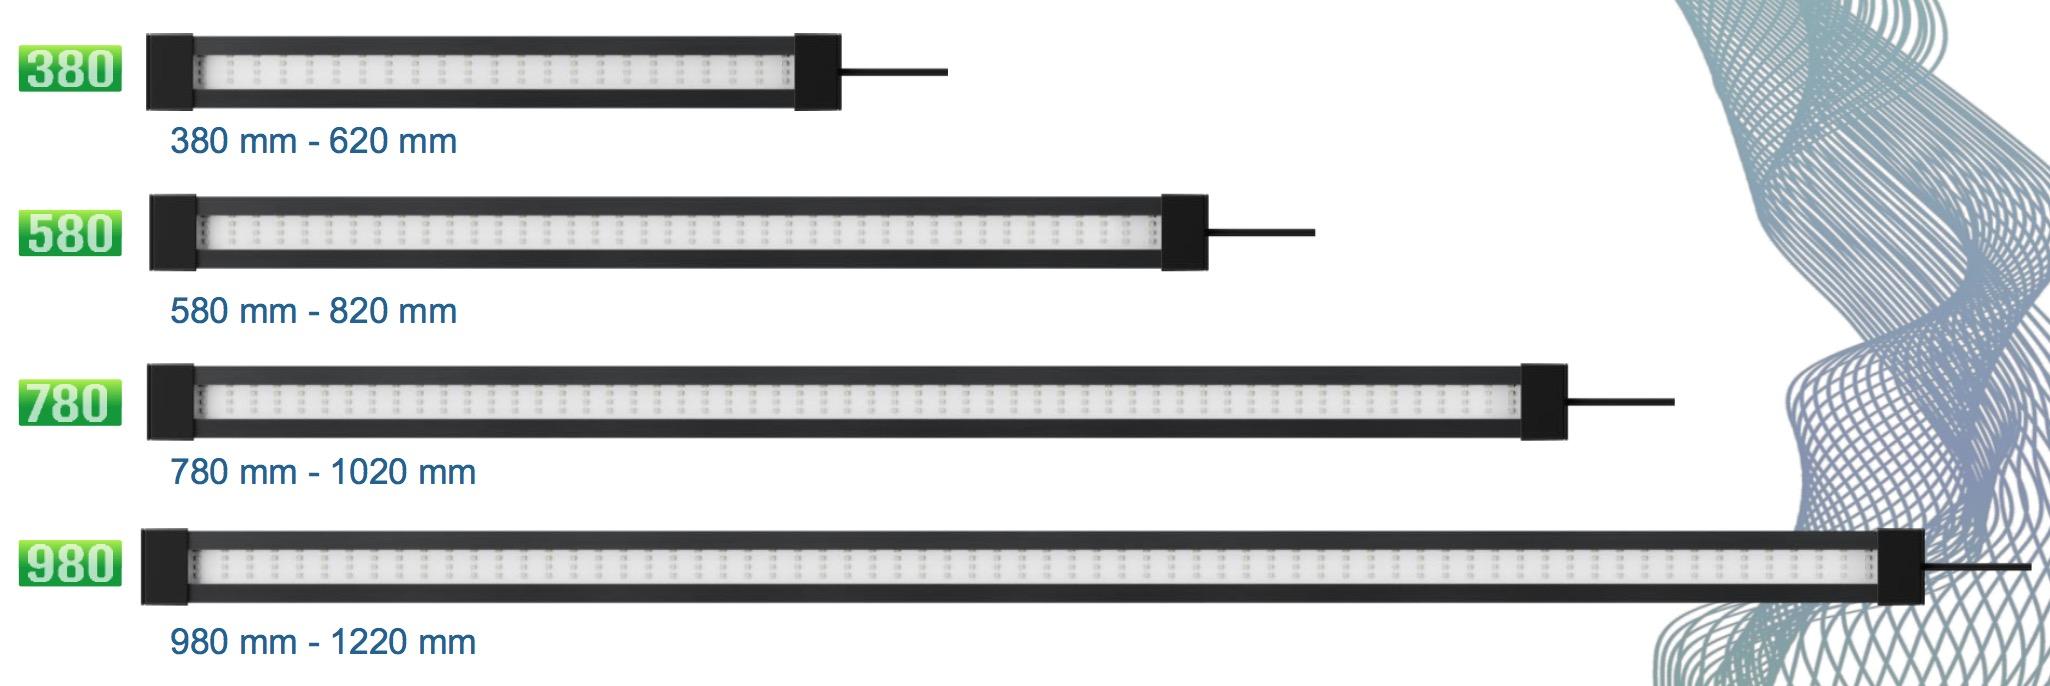 les 4 dimensions des rampes d'éclairage TETRA